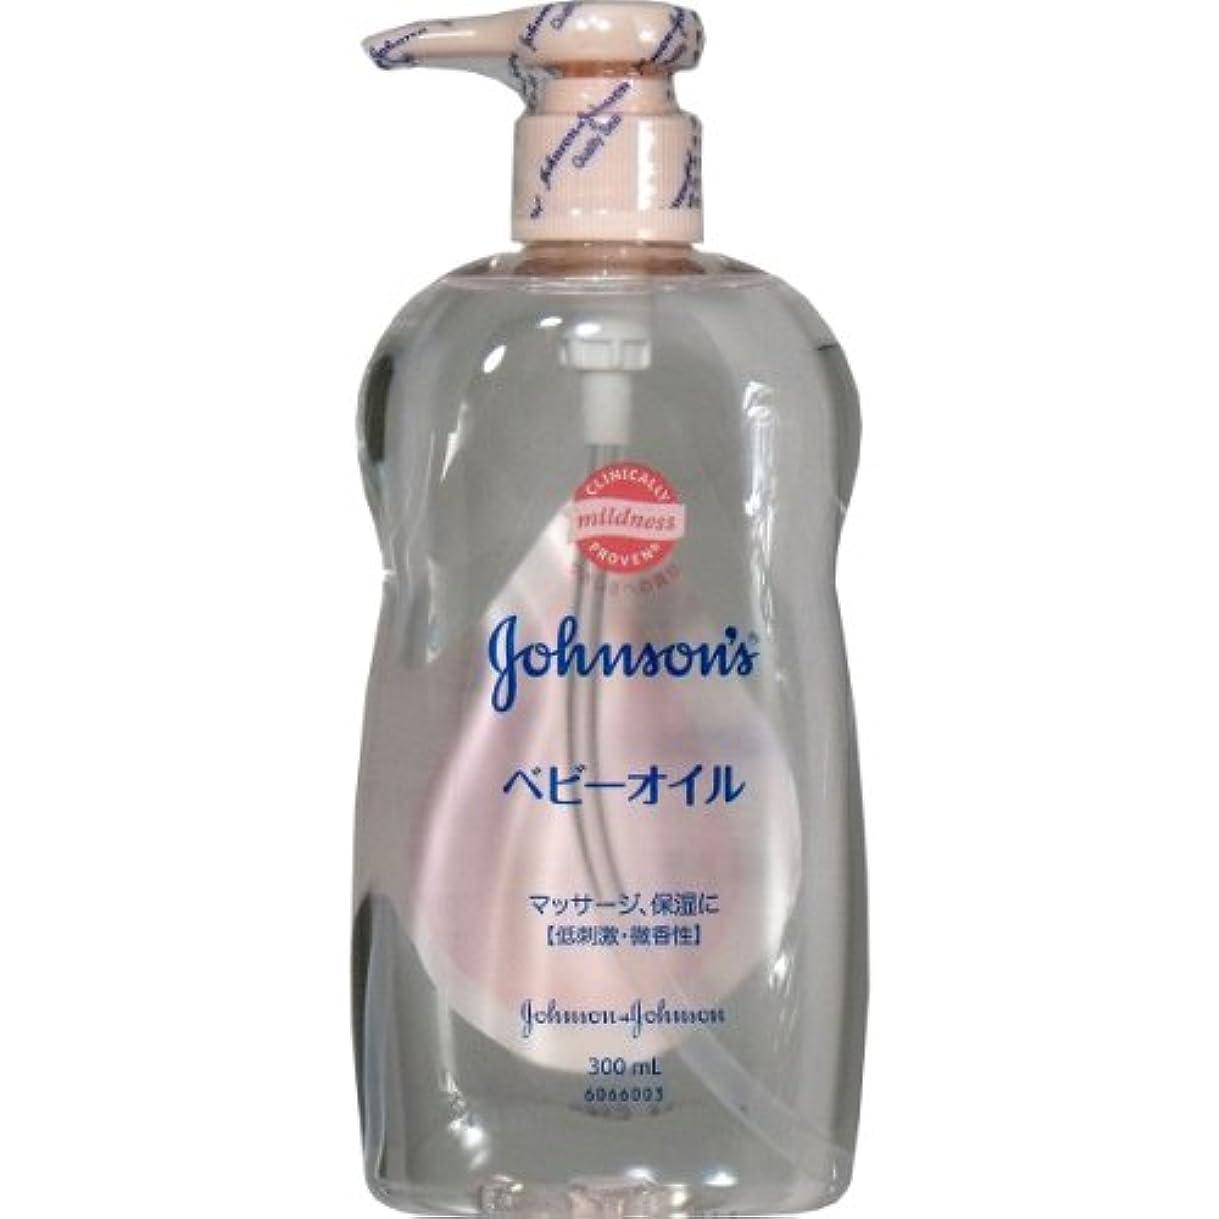 スプーン貧しい種ジョンソン ベビー ベビーオイル 微香性 300ml